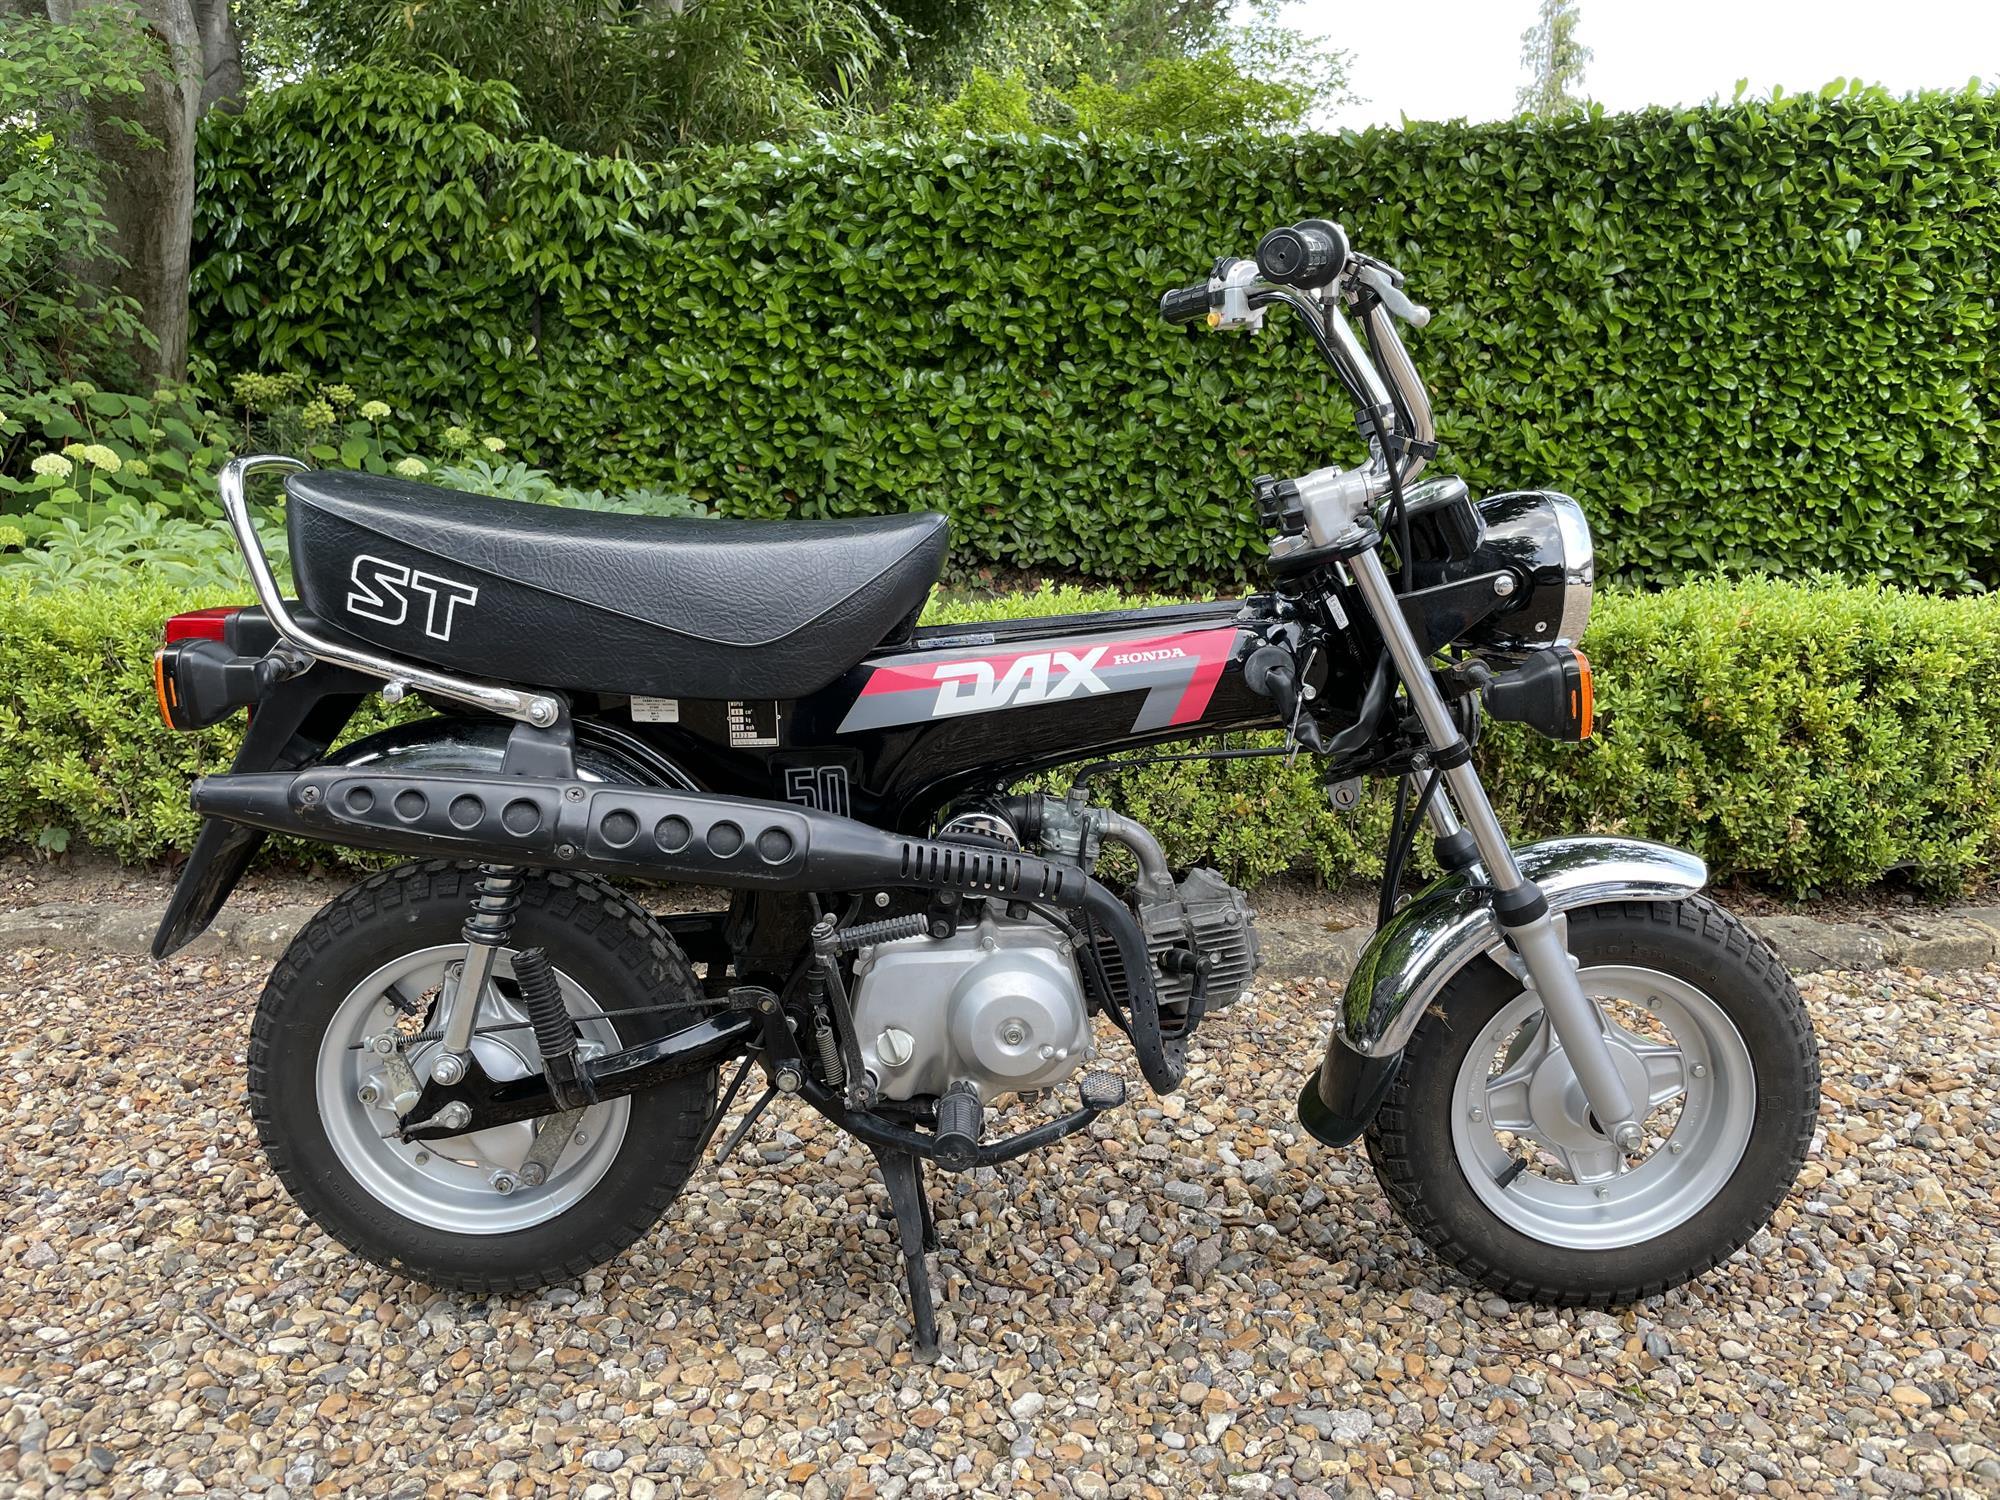 1993 Honda ST50 Dax